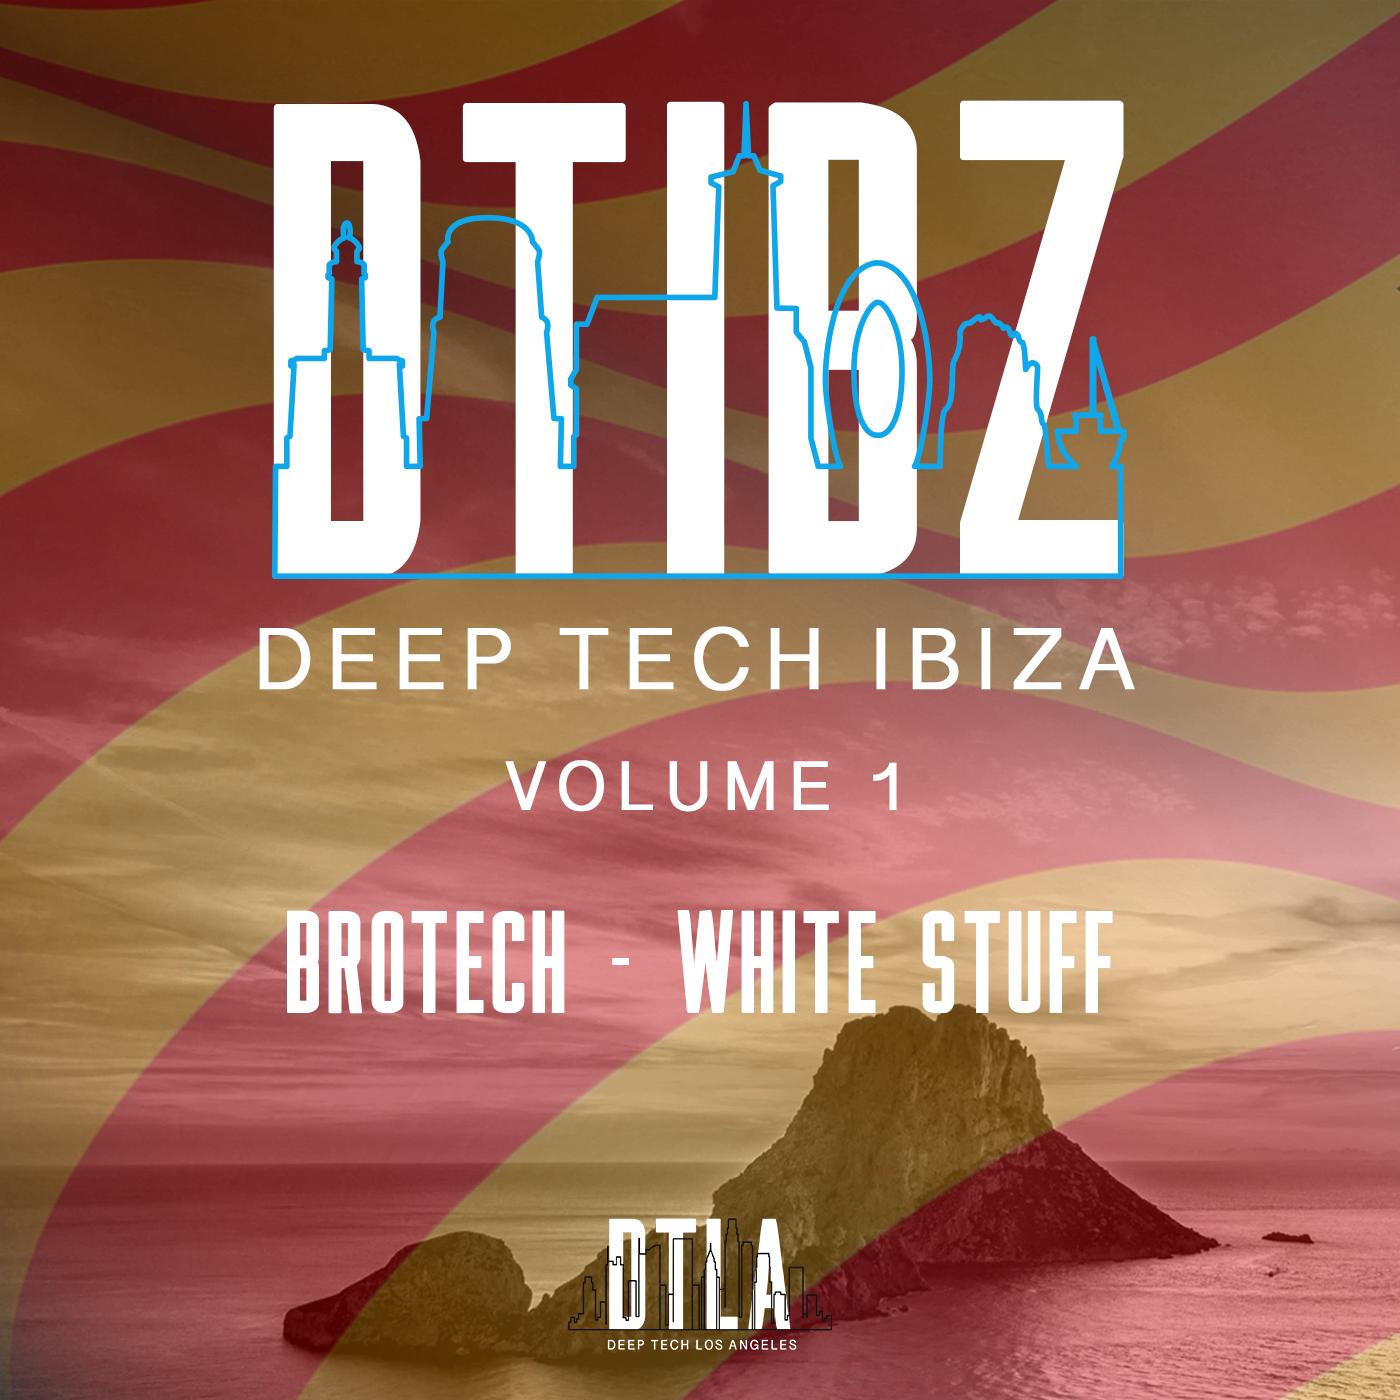 Deep Tech LA - White Stuff